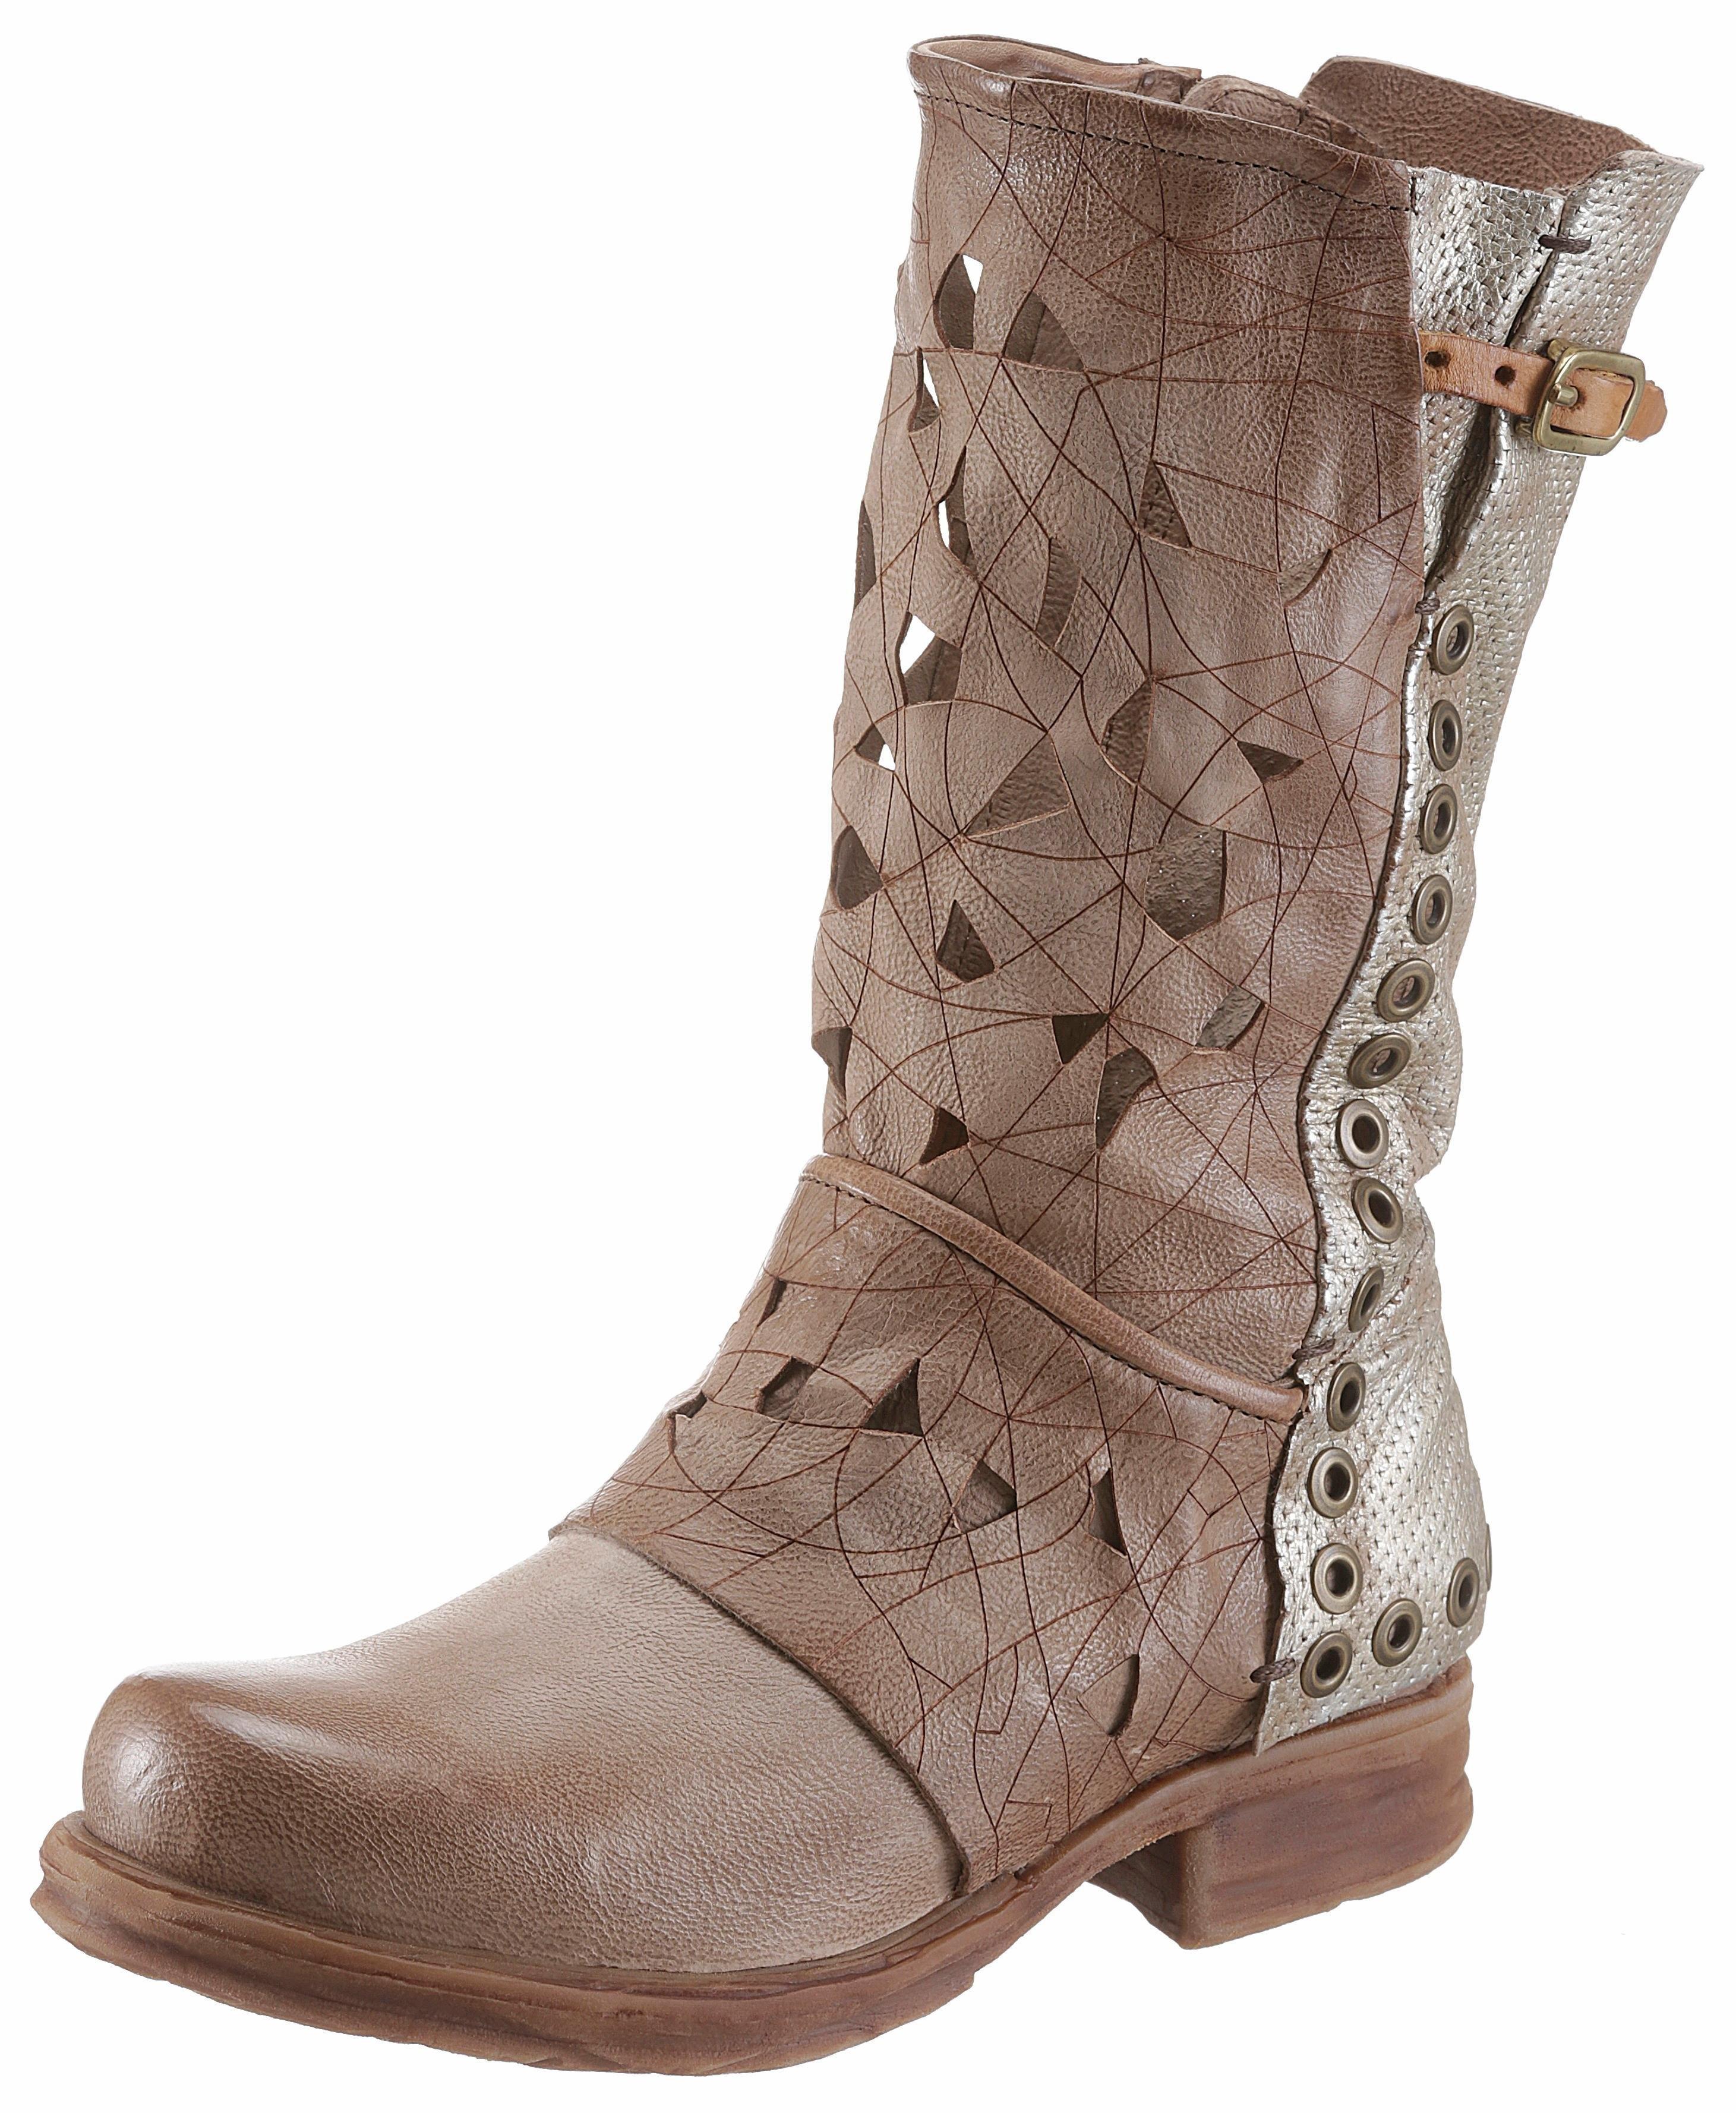 Vaak Hoge laarzen online kopen? Bekijk de collectie | OTTO KU53